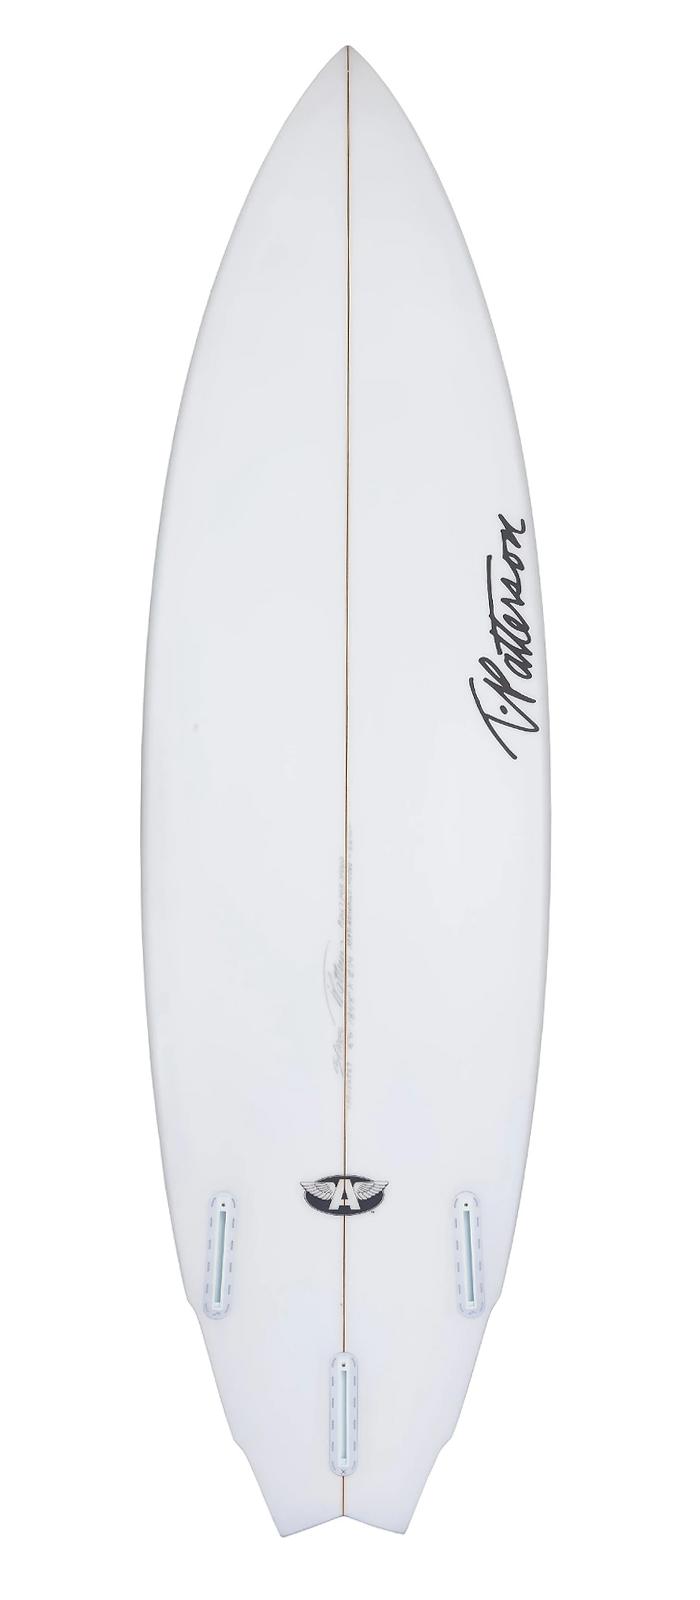 BUILT FOR SPEED surfboard model bottom